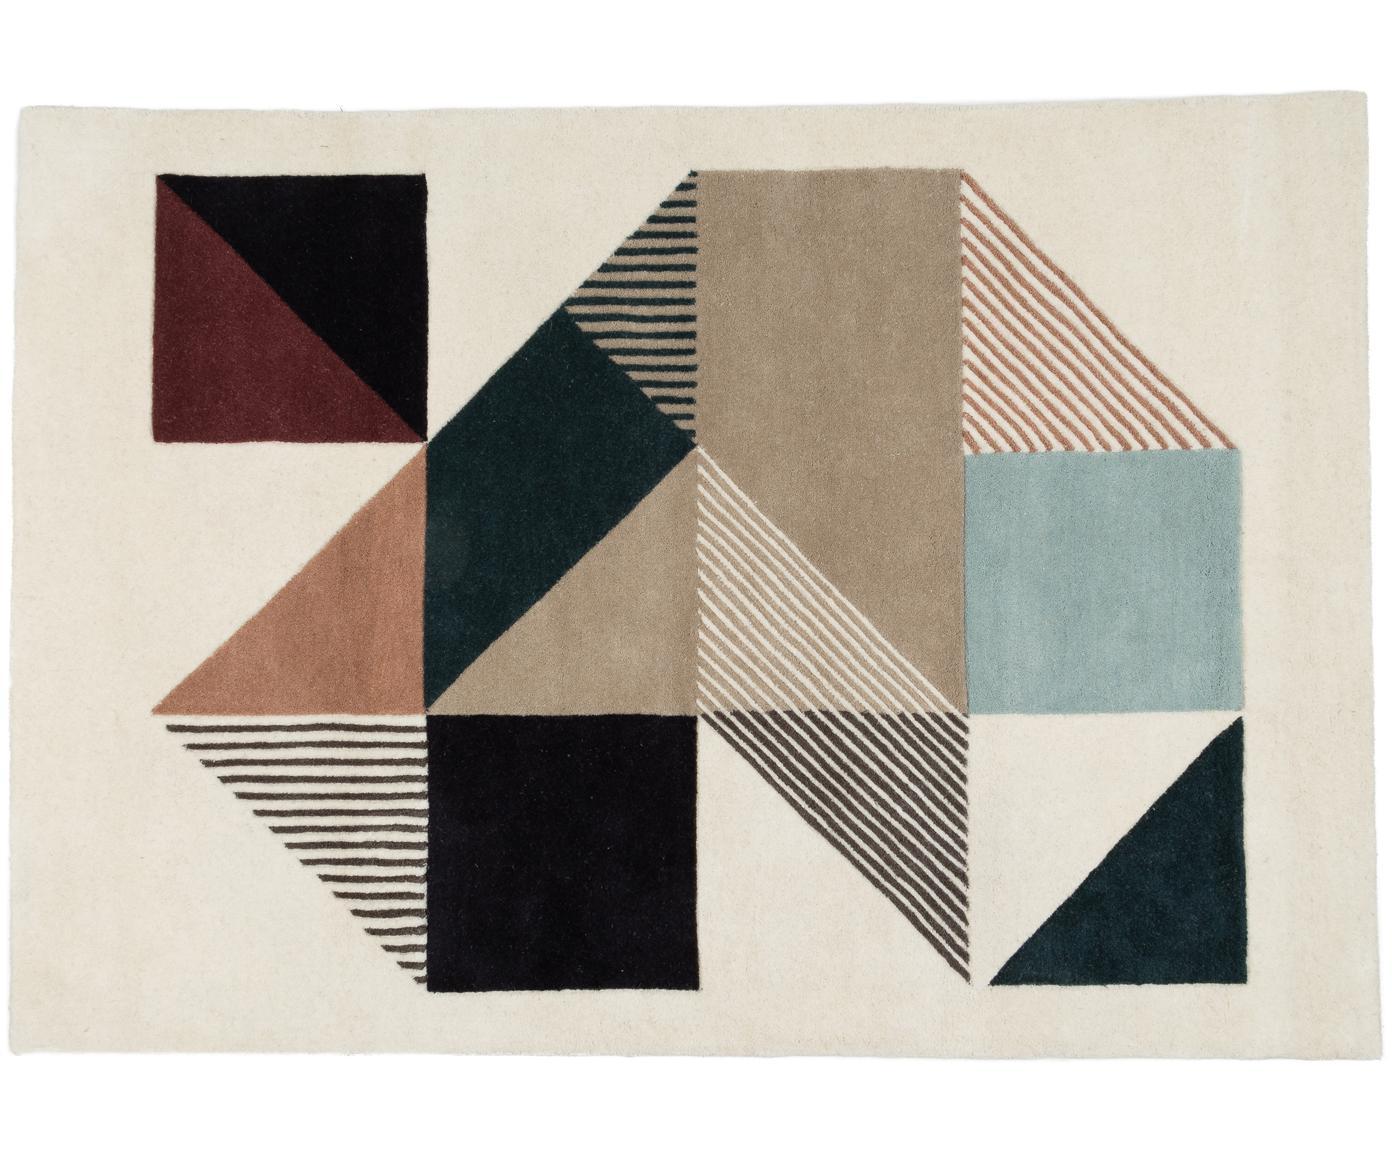 Handgetufteter Designteppich Mikill aus Wolle, Flor: 100% Wolle, Beige- und Blautöne, Rot, Rosa, Schwarz, B 140 x L 200 cm (Grösse S)